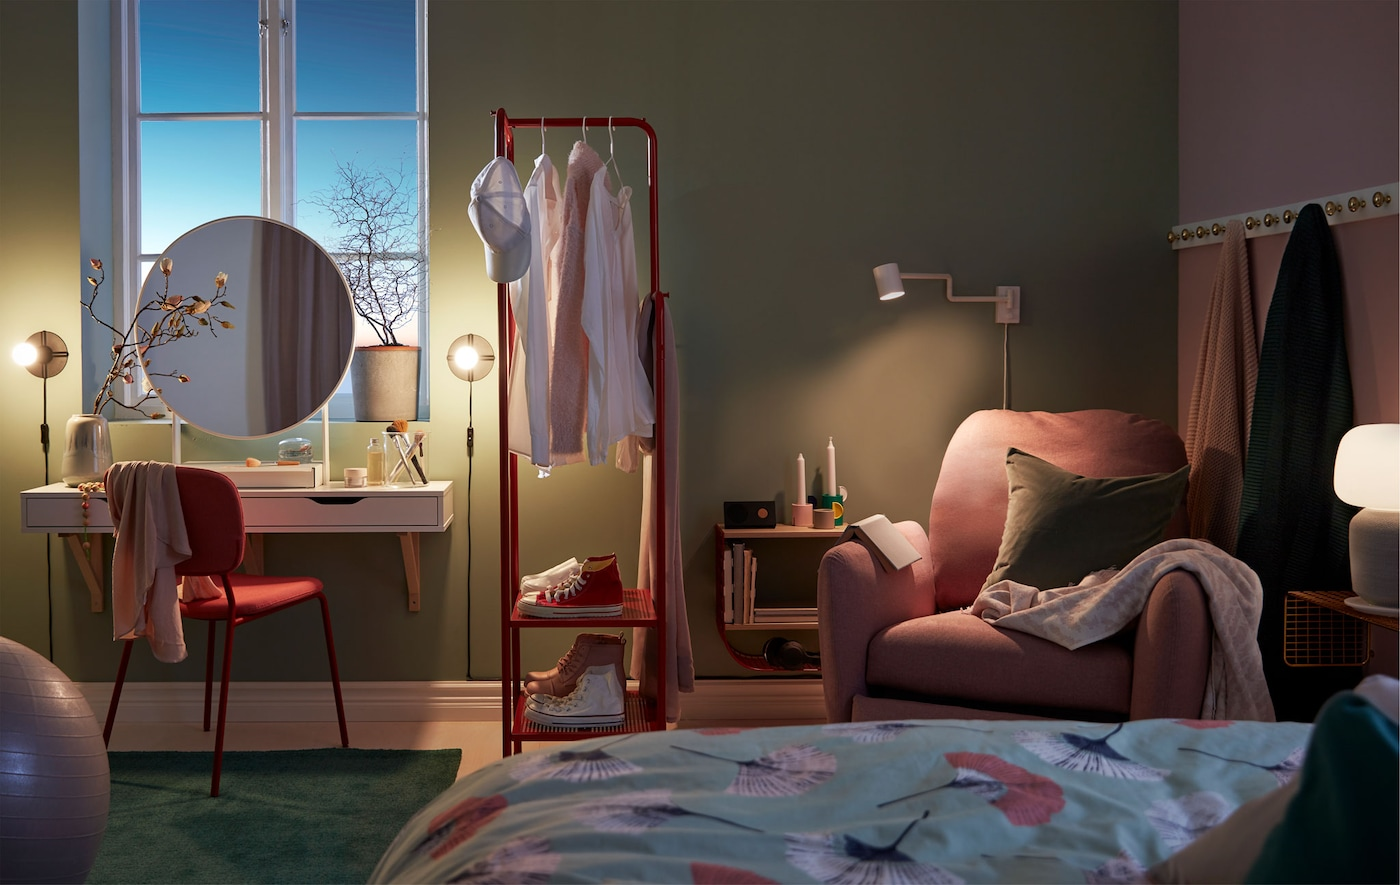 Sypialnia w przyciemnionym świetle z kącikiem do robienia makijażu, wieszakiem na ubrania służącym jako ścianka działowa i kącikiem do czytania z fotelem.